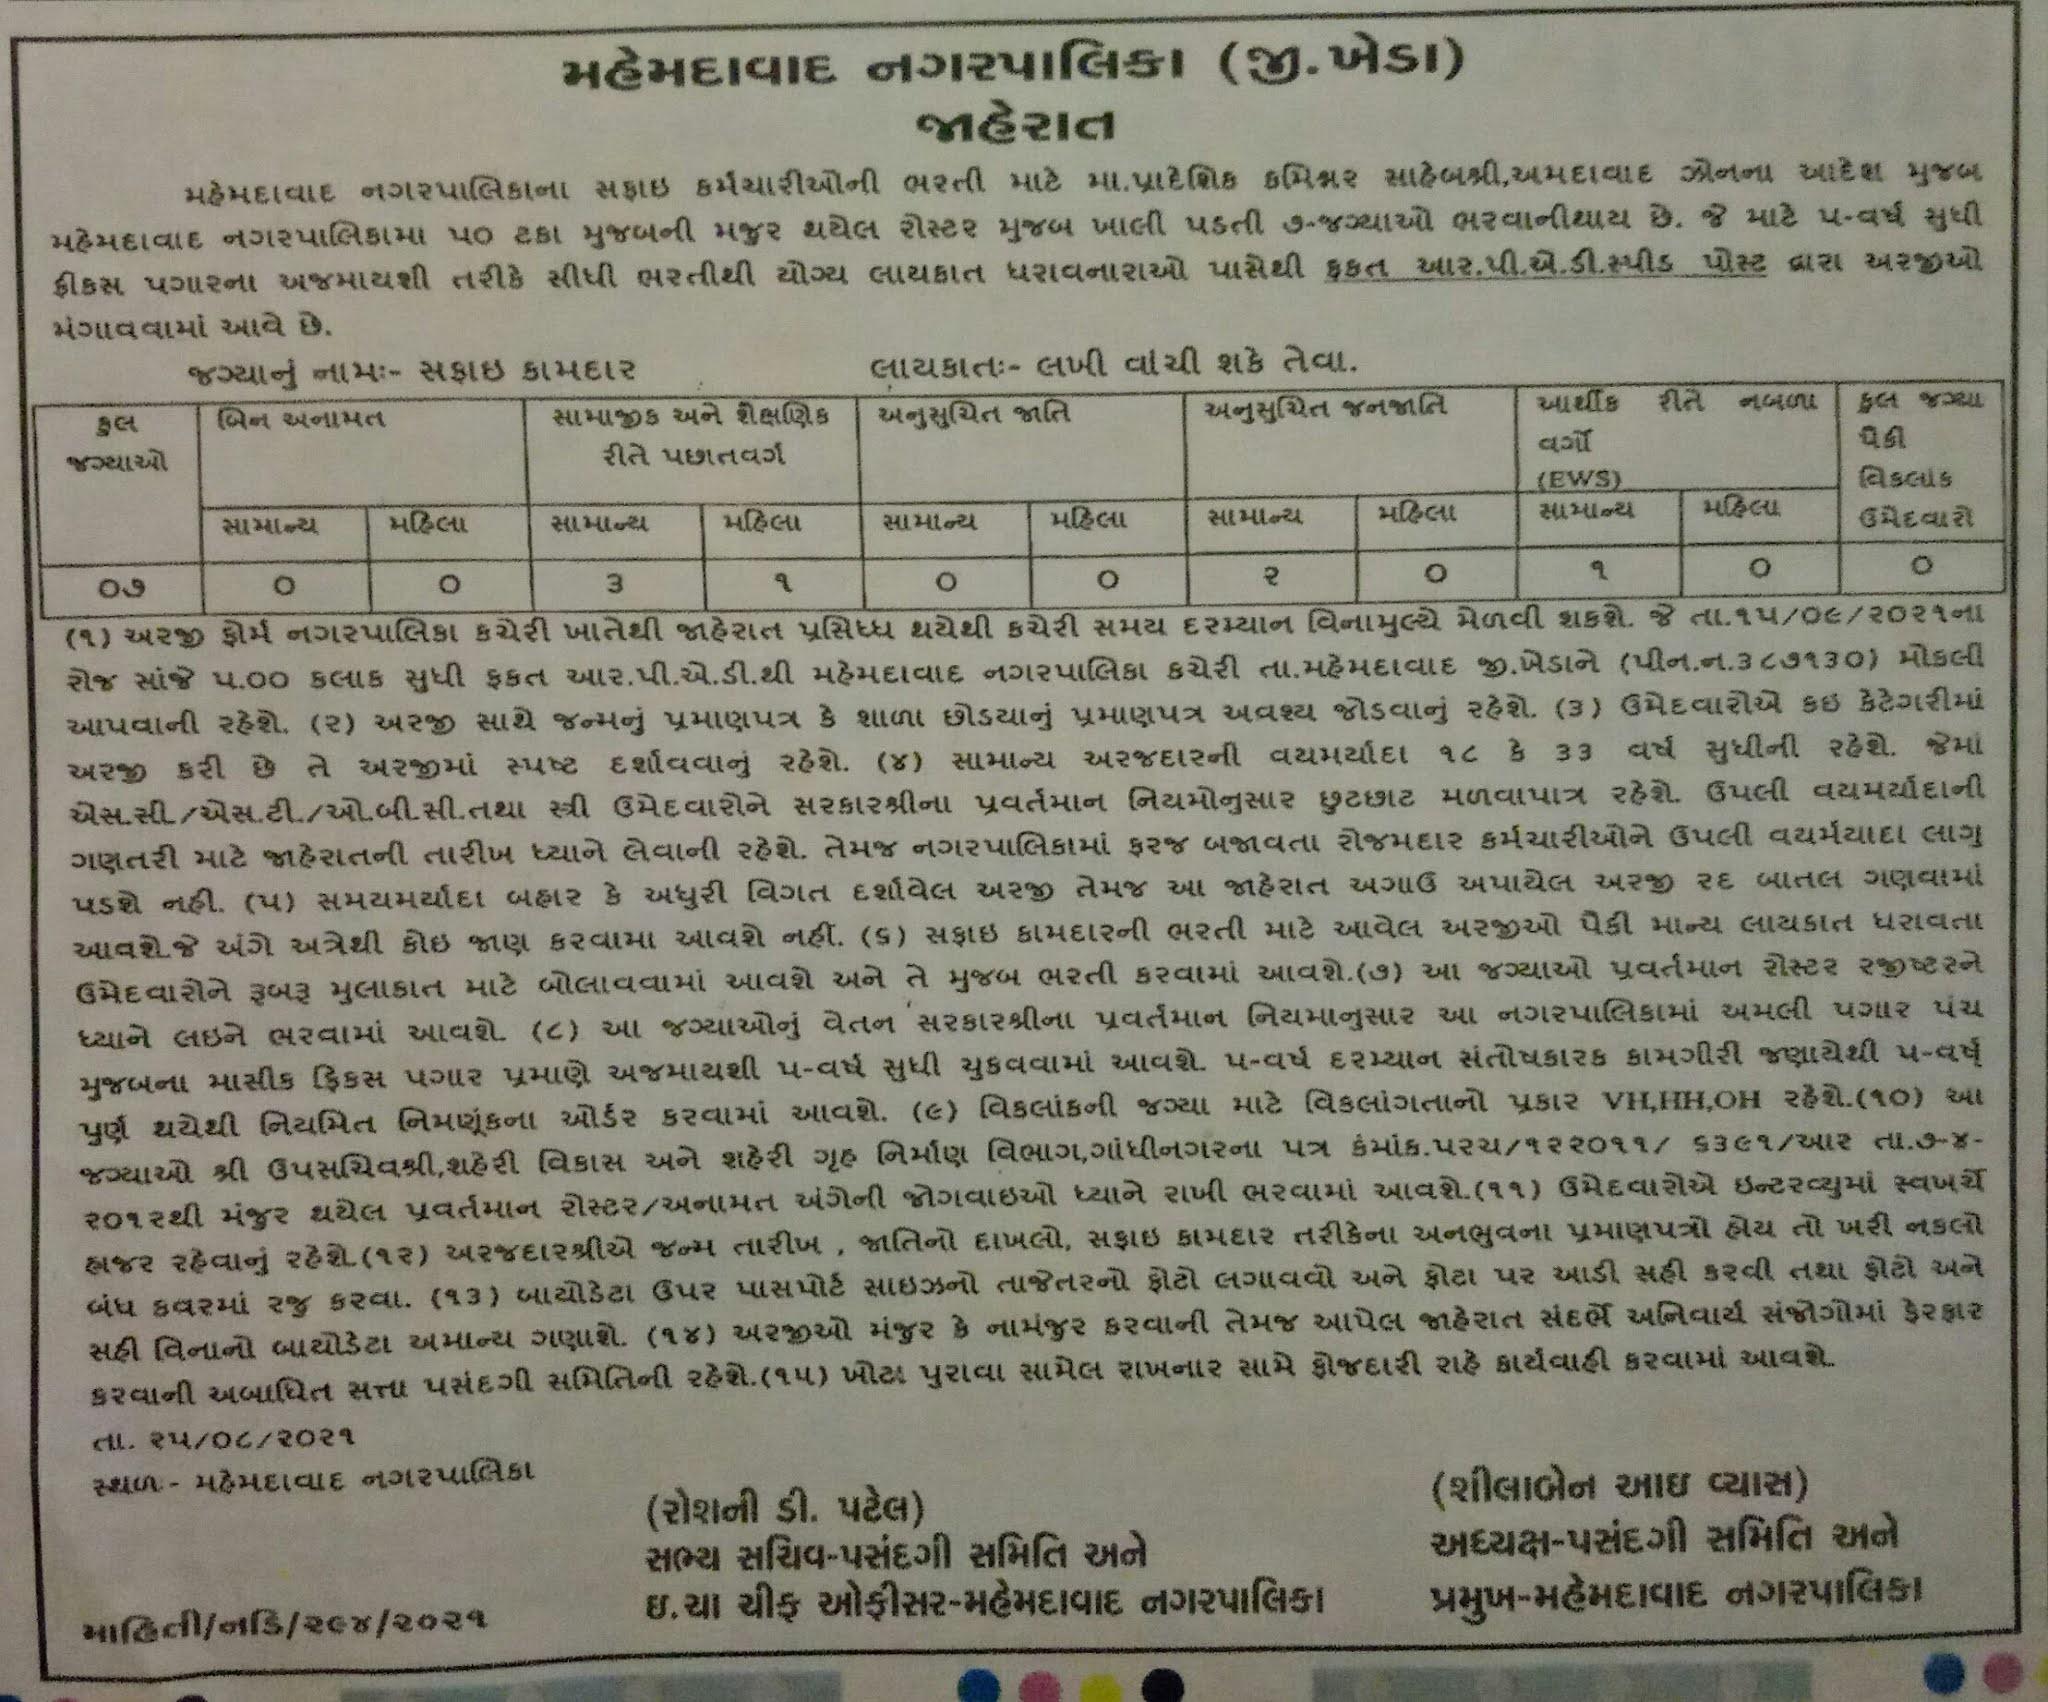 Mahemdavad Nagarpalika Recruitment 2021